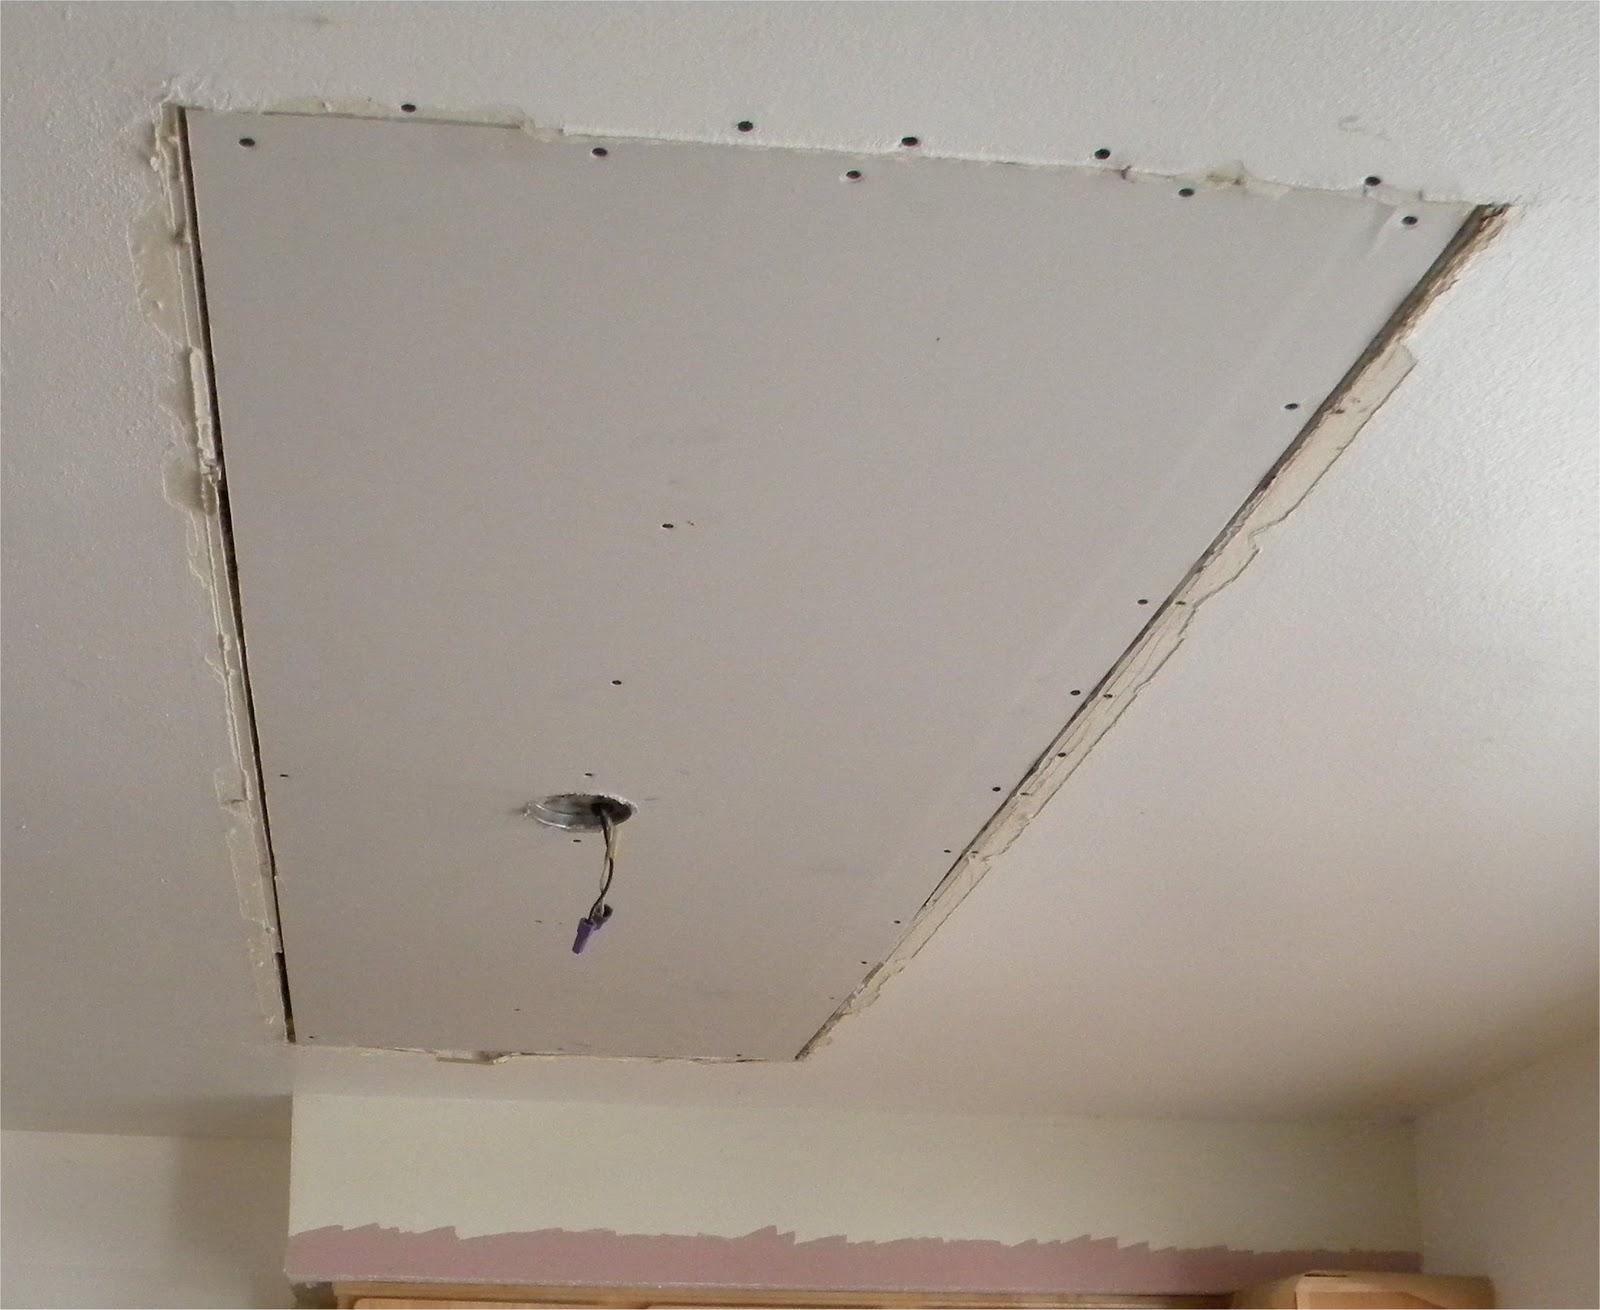 http://3.bp.blogspot.com/_Extaj5Mzpaw/TPSD6QRbVrI/AAAAAAAACVs/T1sp0I90b_Q/s1600/new_ceiling_board.jpg